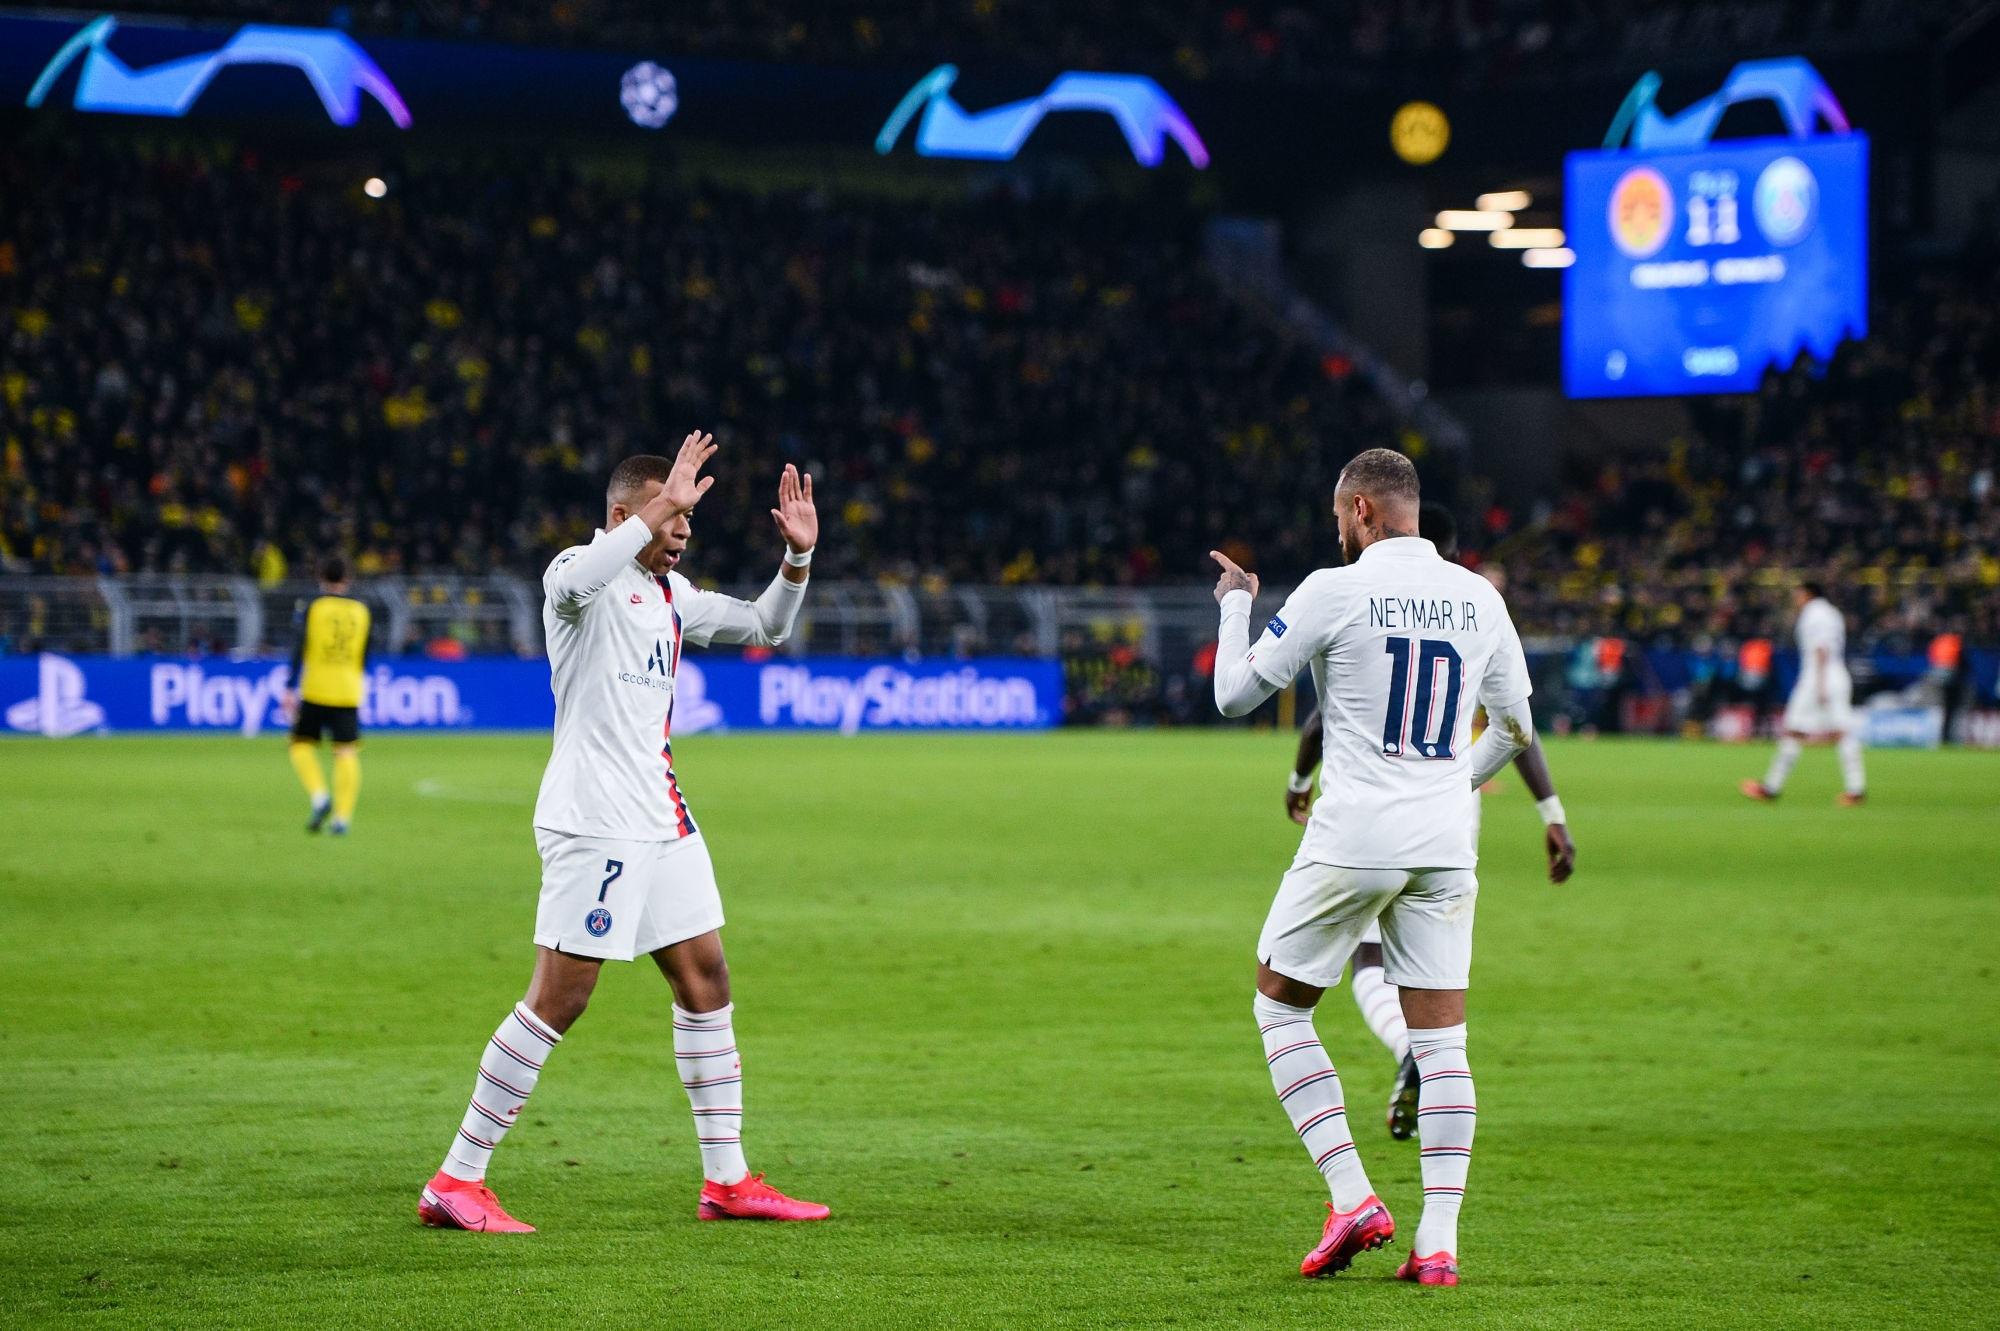 Possibles prolongations de Mbappé et Neymar au PSG, L'Équipe fait le point